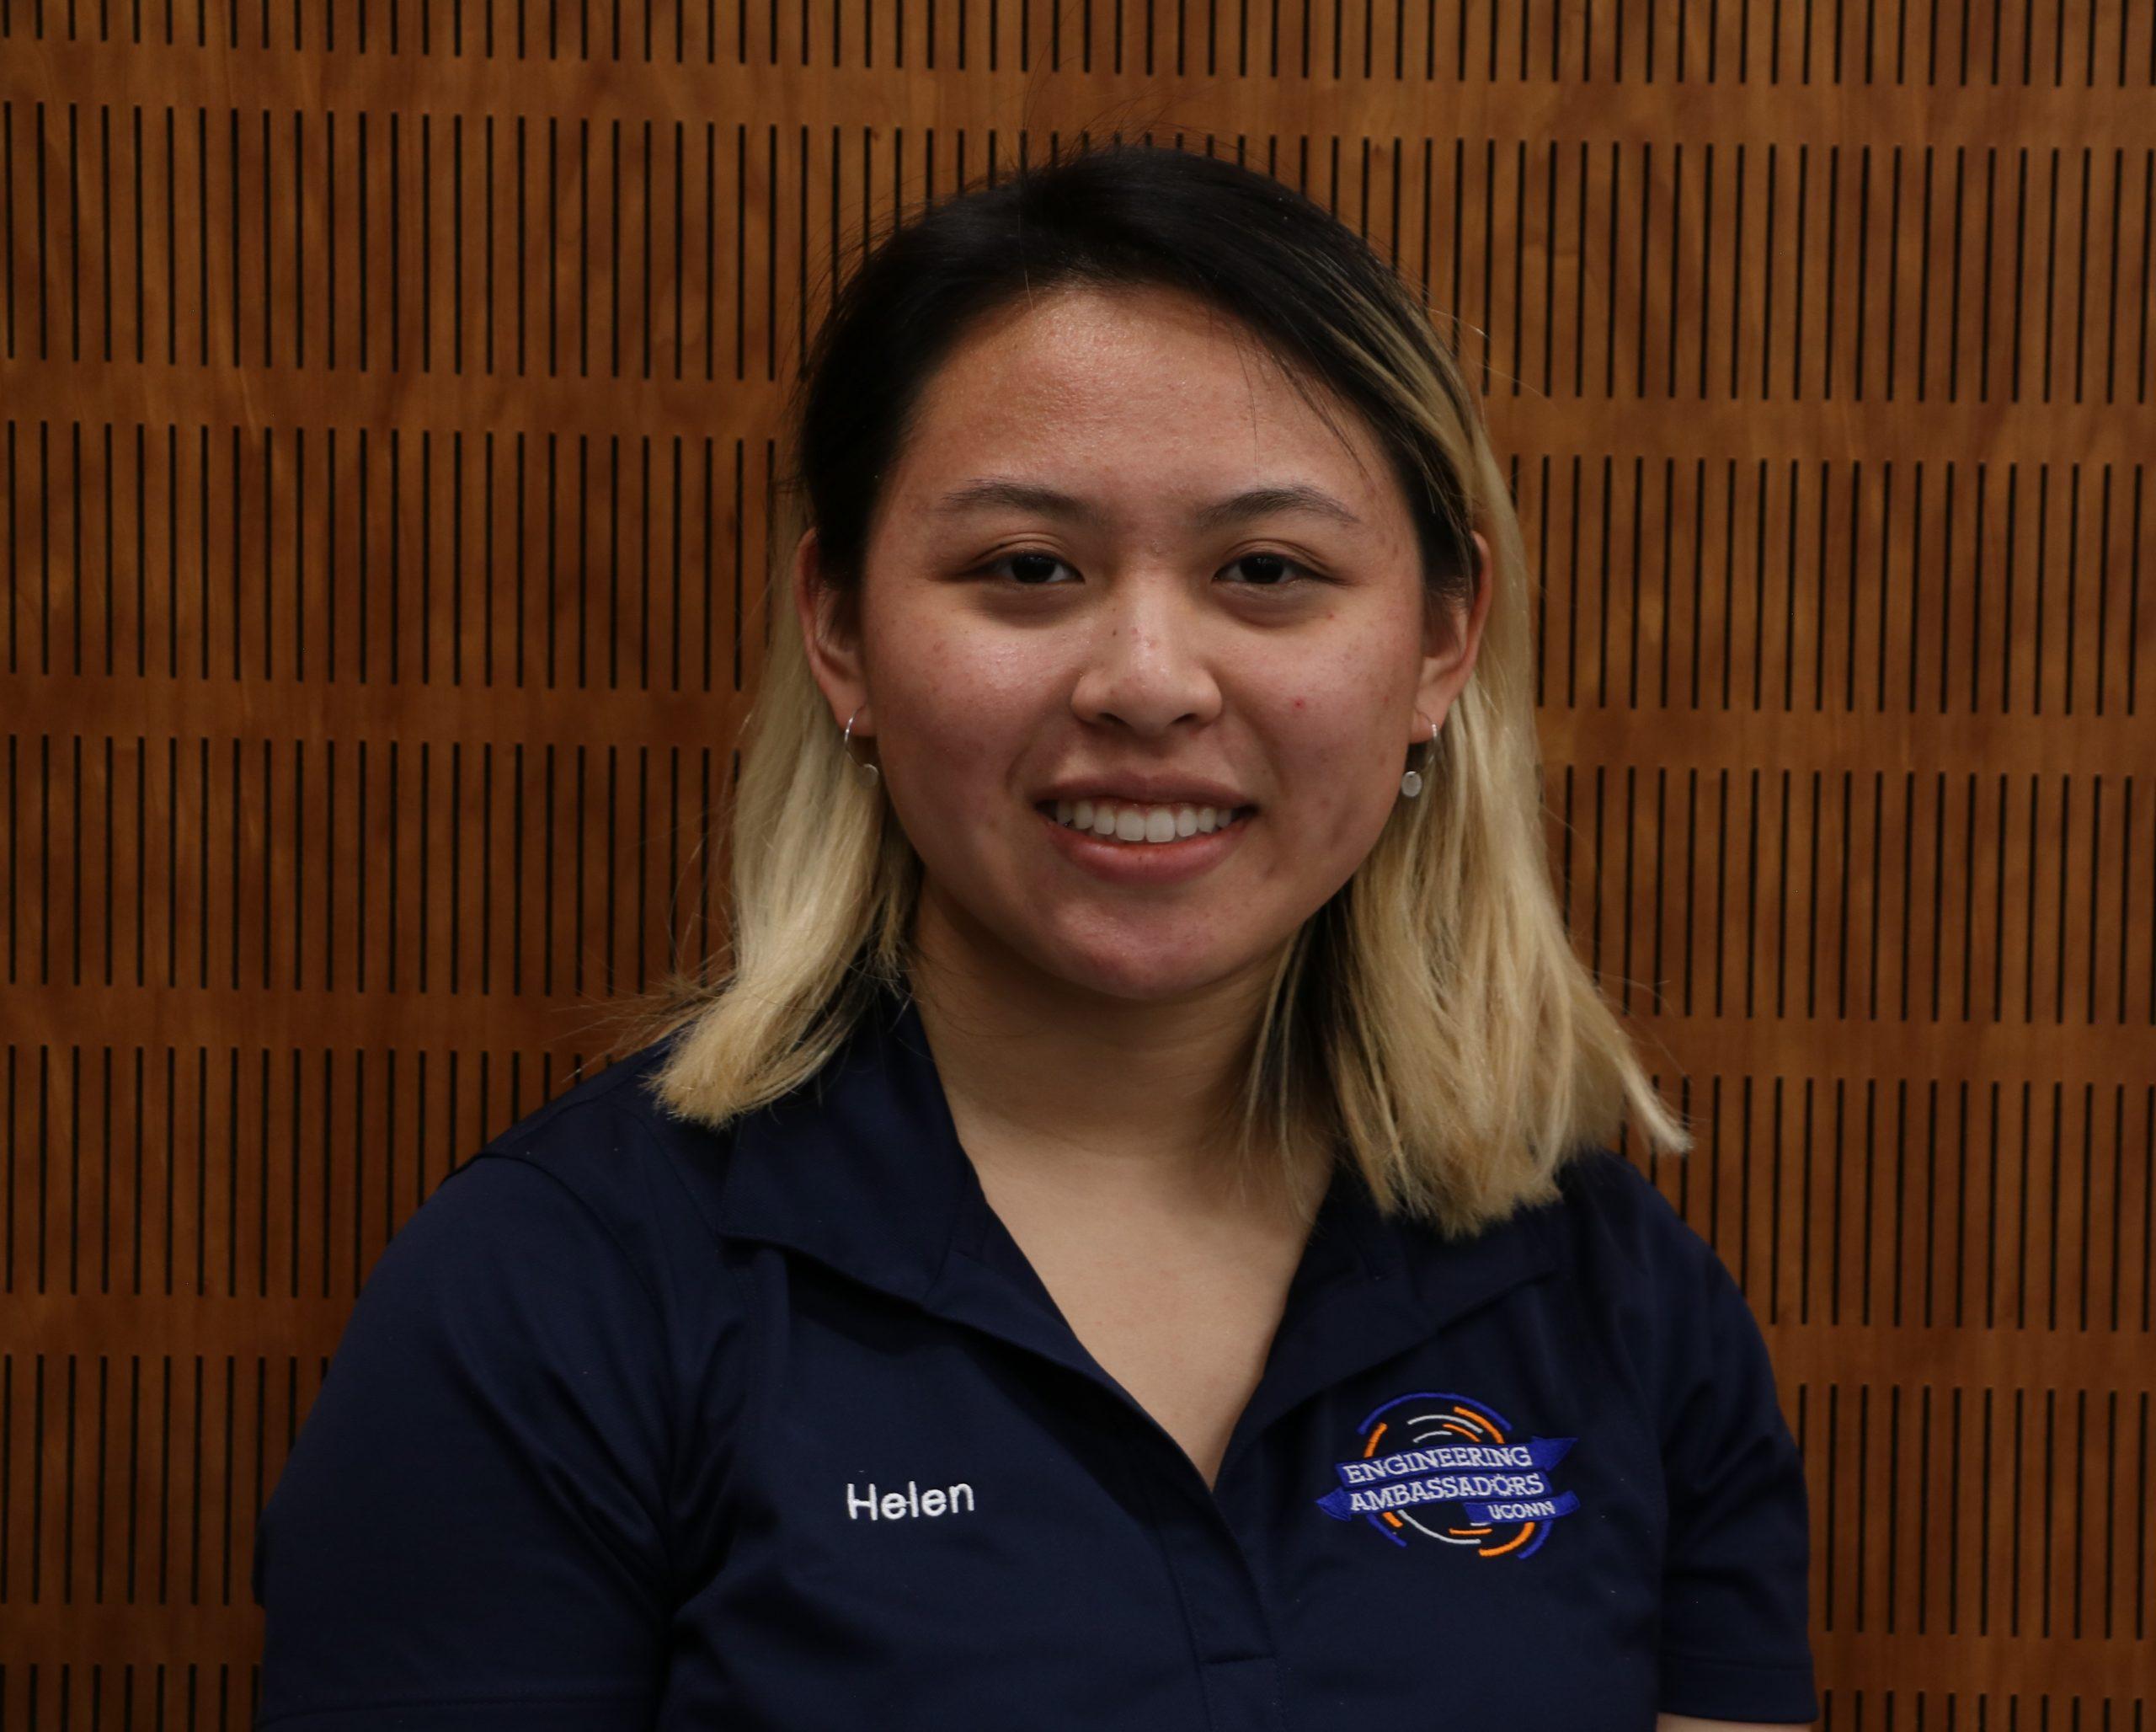 Helen Phu